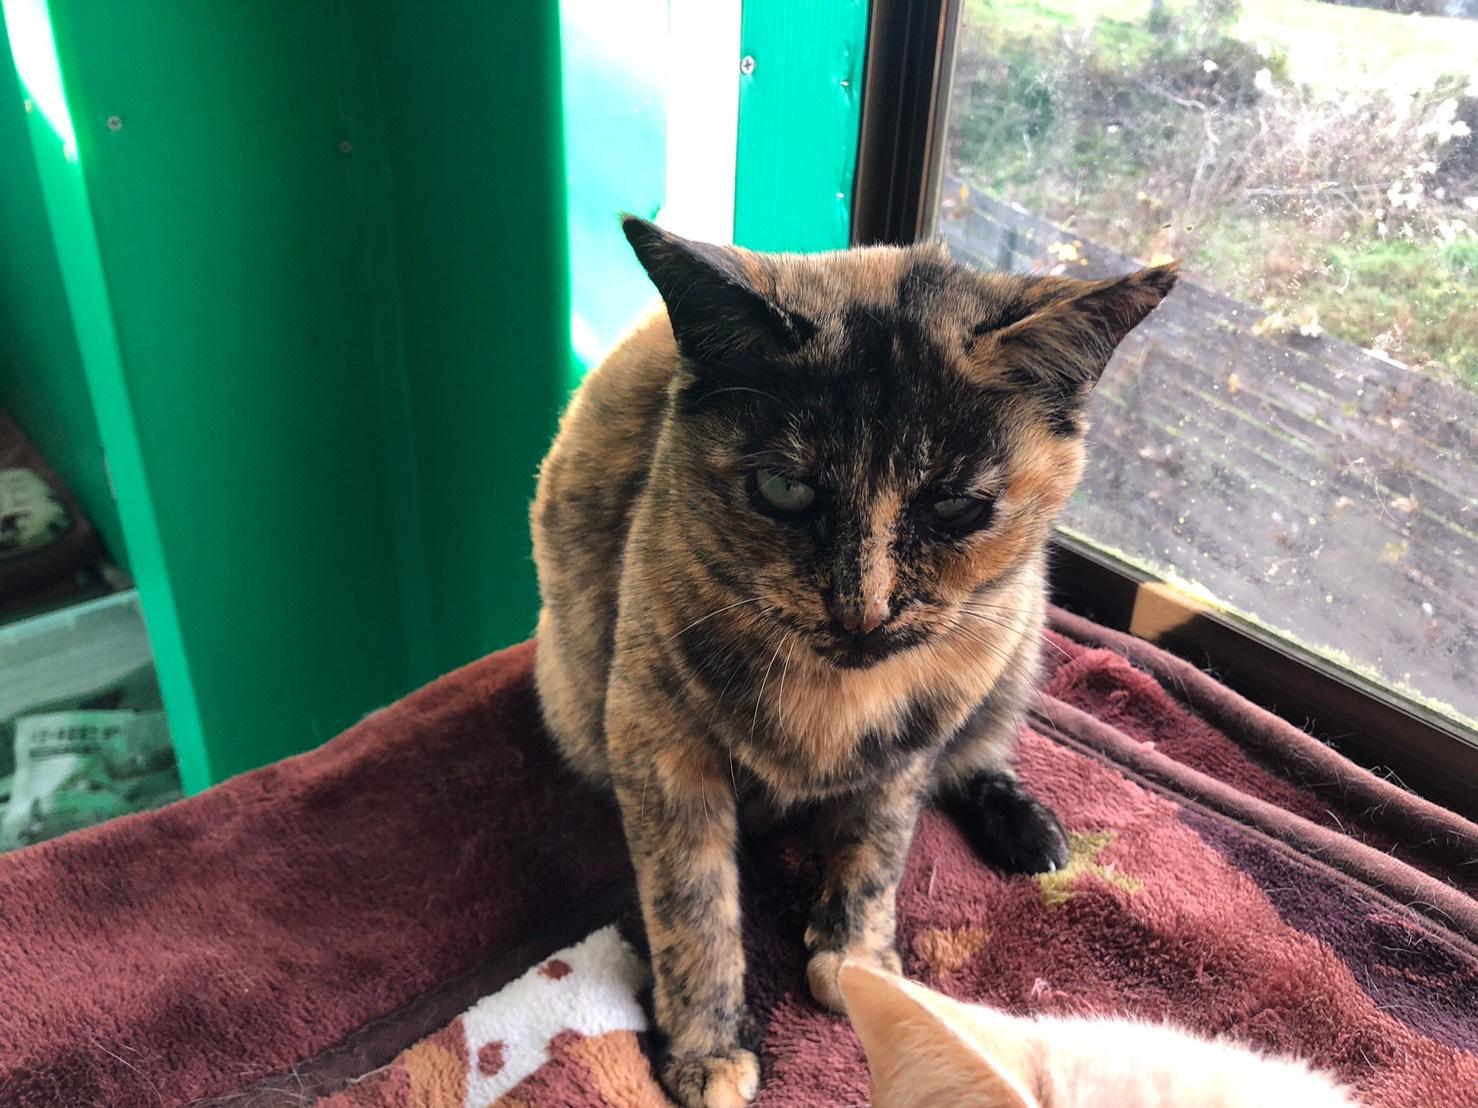 <ul> <li>猫種:日本猫 サビ</li> <li>性別:女の子</li> <li>名前:サクラ</li> <li>年齢:2016年1月</li> <li>保護経緯:飼い主様が引越しのため飼育困難になり引き取りました</li> </ul>